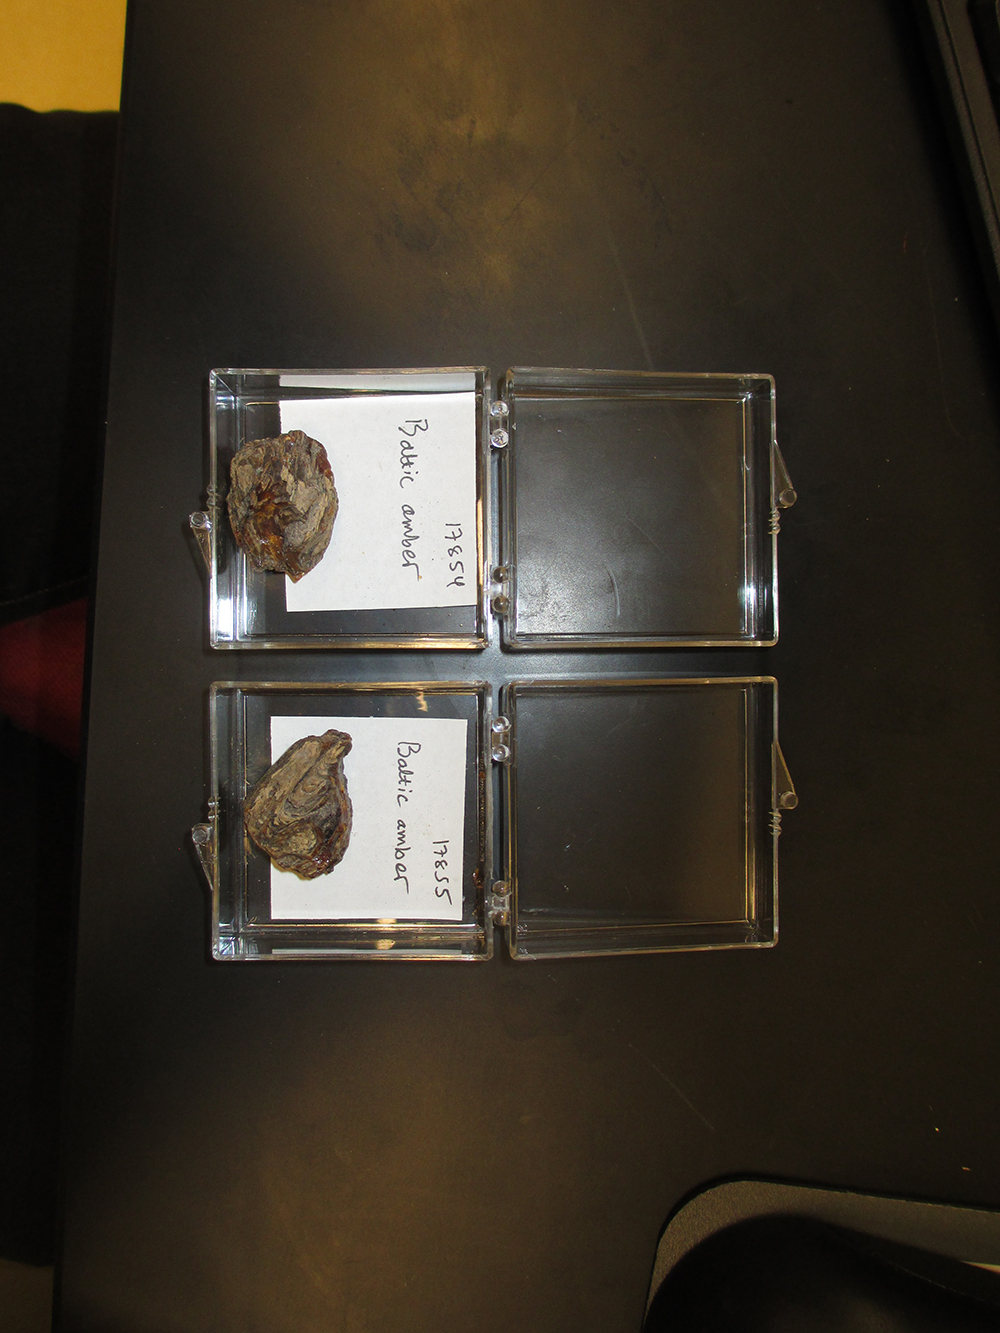 http://mczbase.mcz.harvard.edu/specimen_images/entomology/paleo/large/PALE-17854_Undetermined_undetermined_raw_amber.jpg